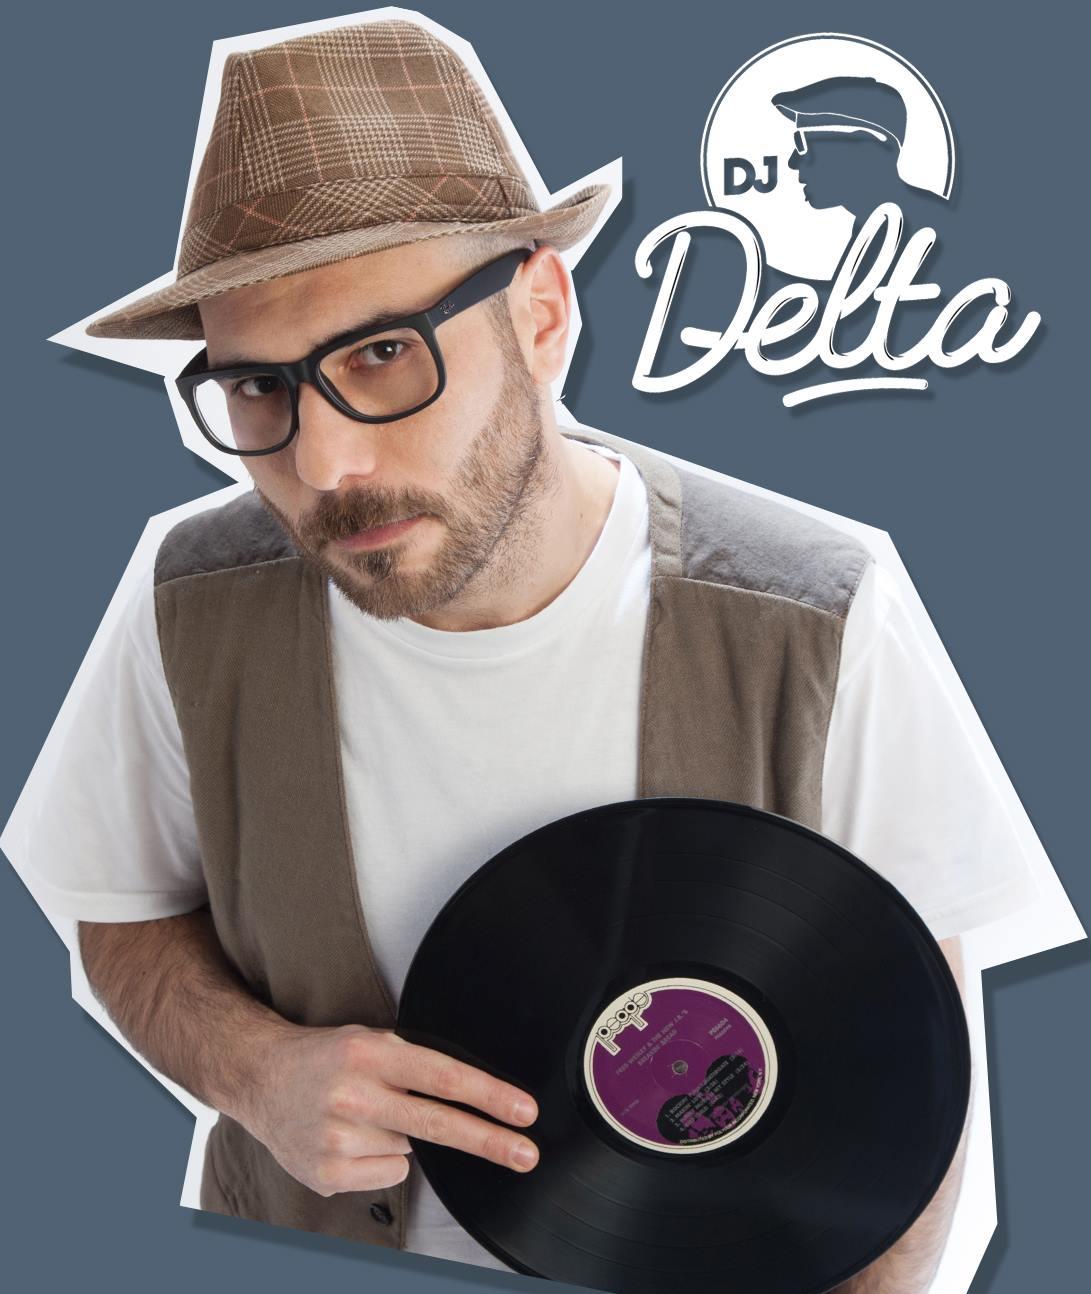 Il campione dei dischi – Dj Delta